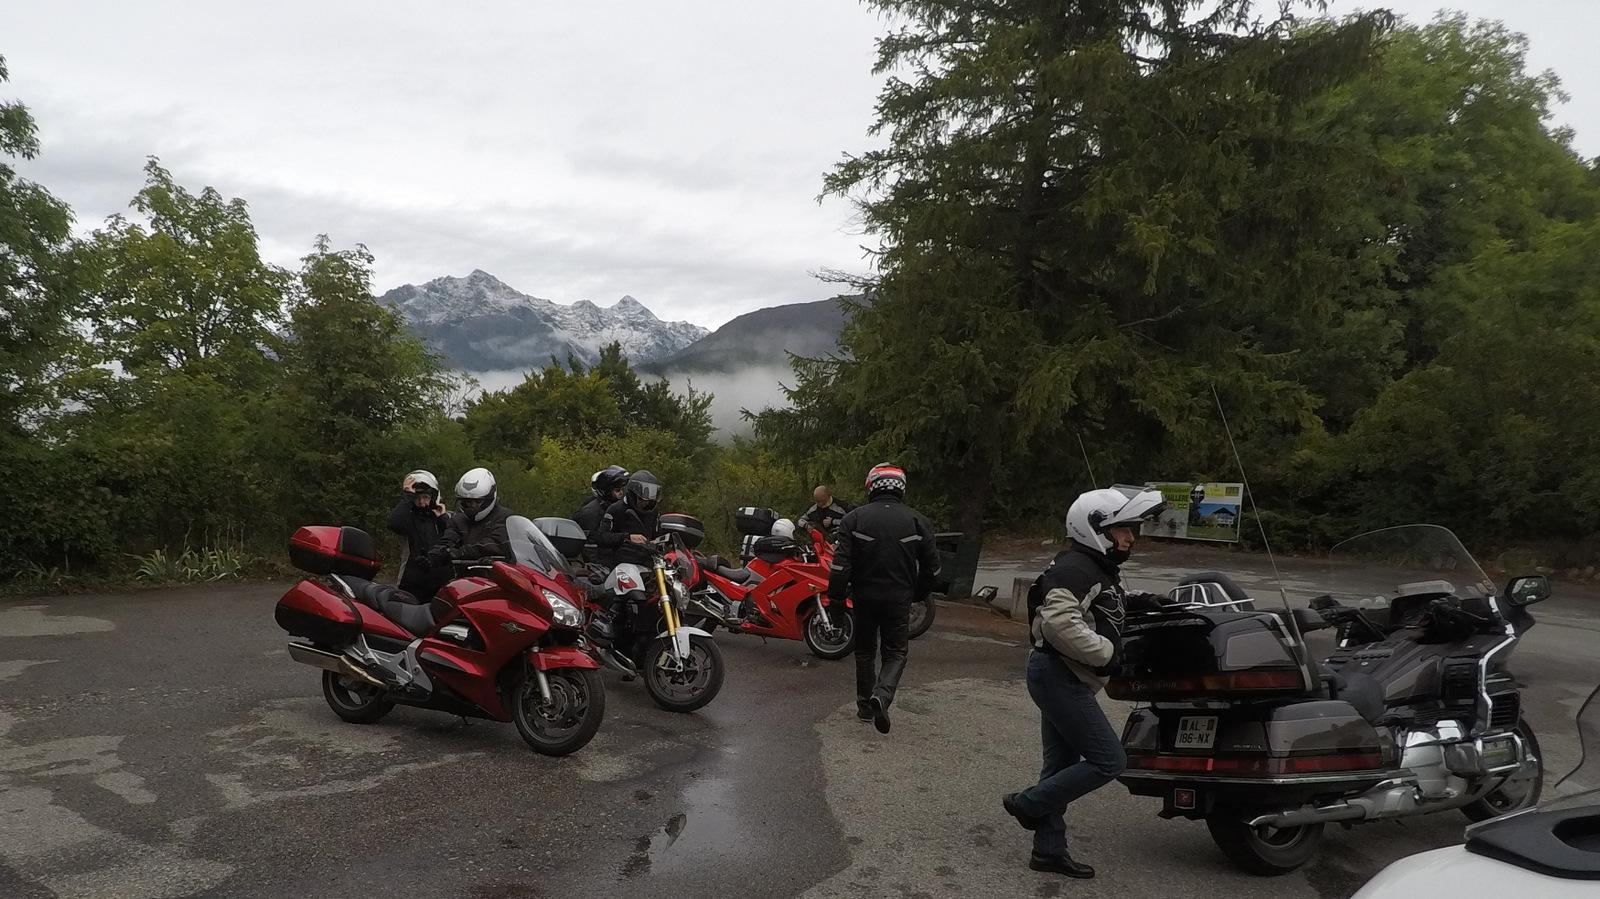 chargement des motos ...